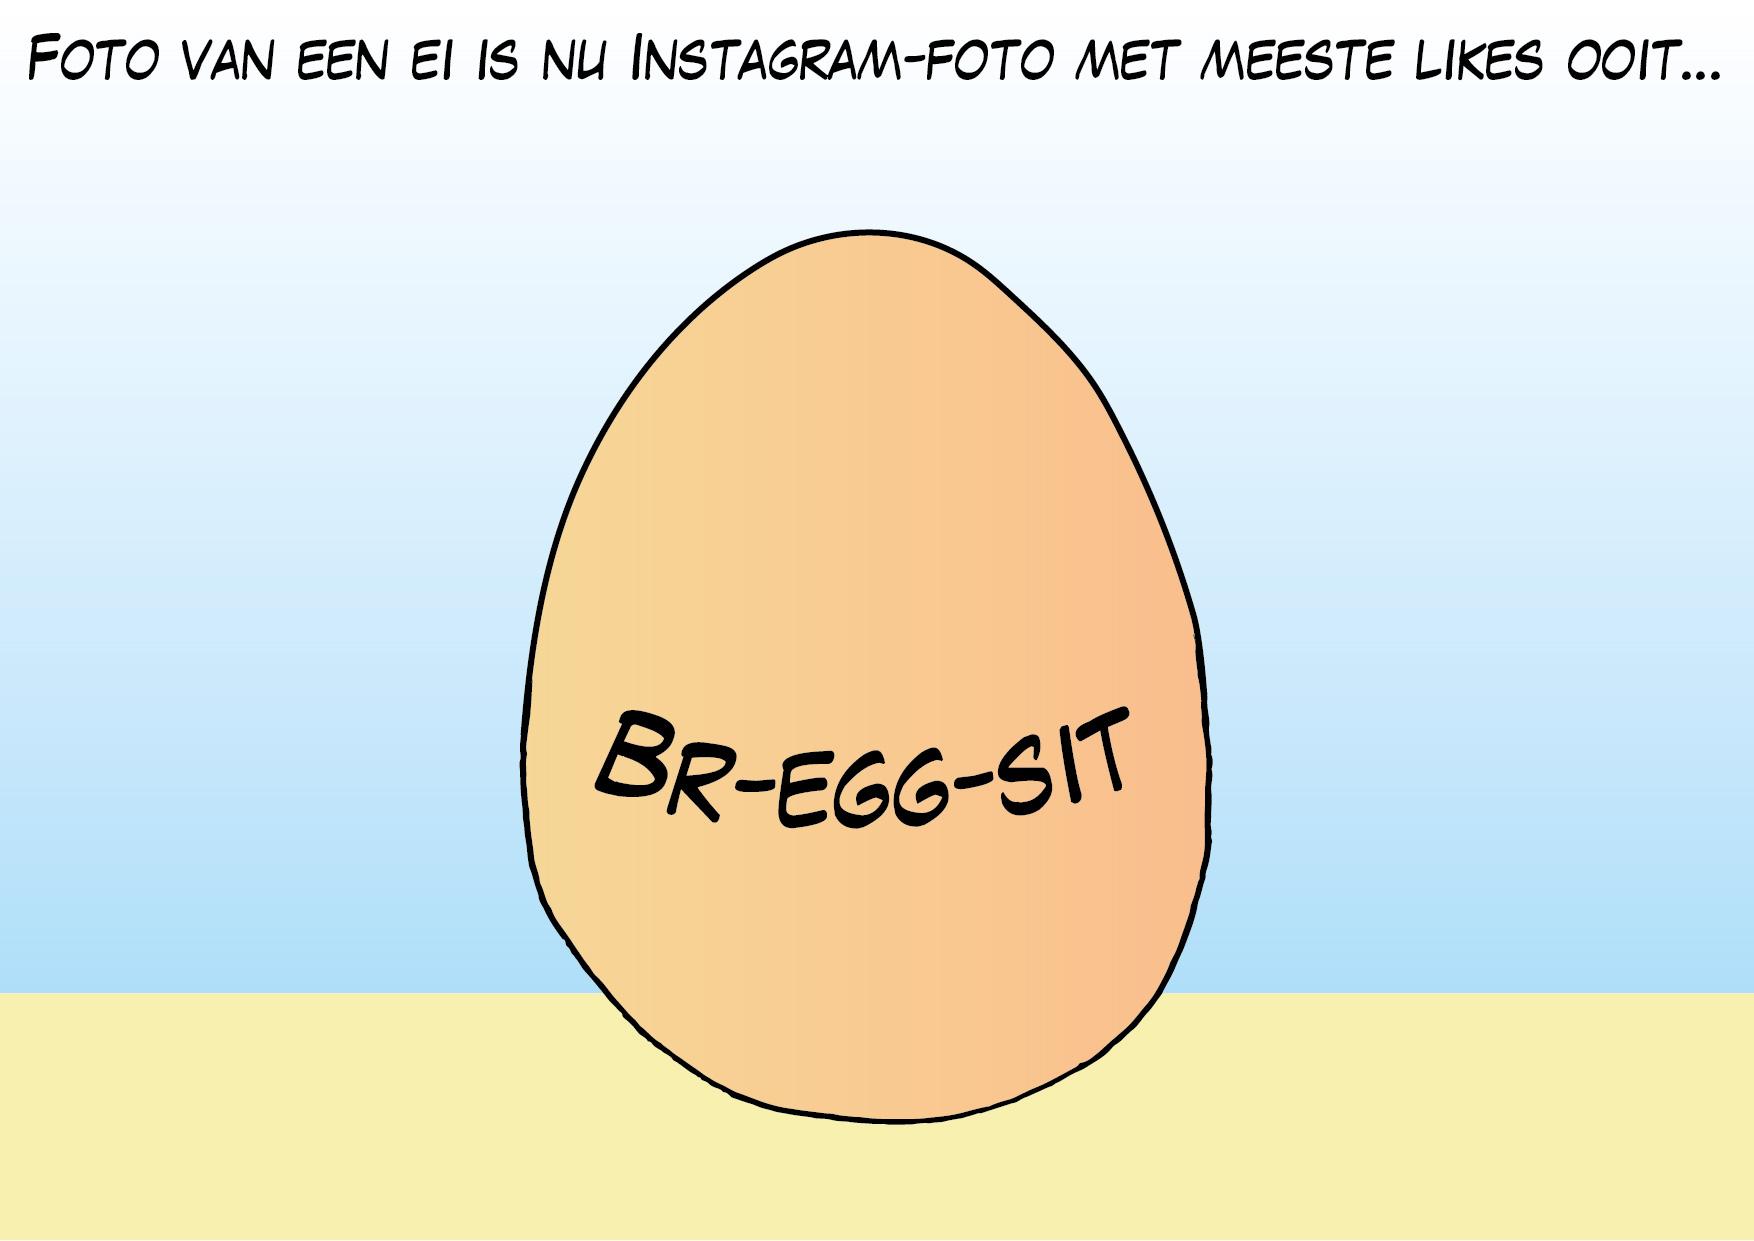 Foto van een ei is nu Instagram-foto met de meeste likes ooit…